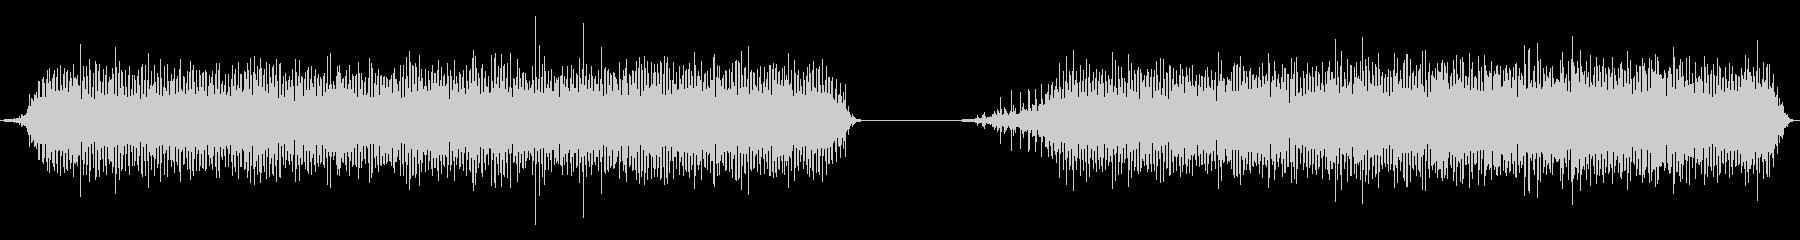 ミシン、ミシン、高速、2バージョン...の未再生の波形